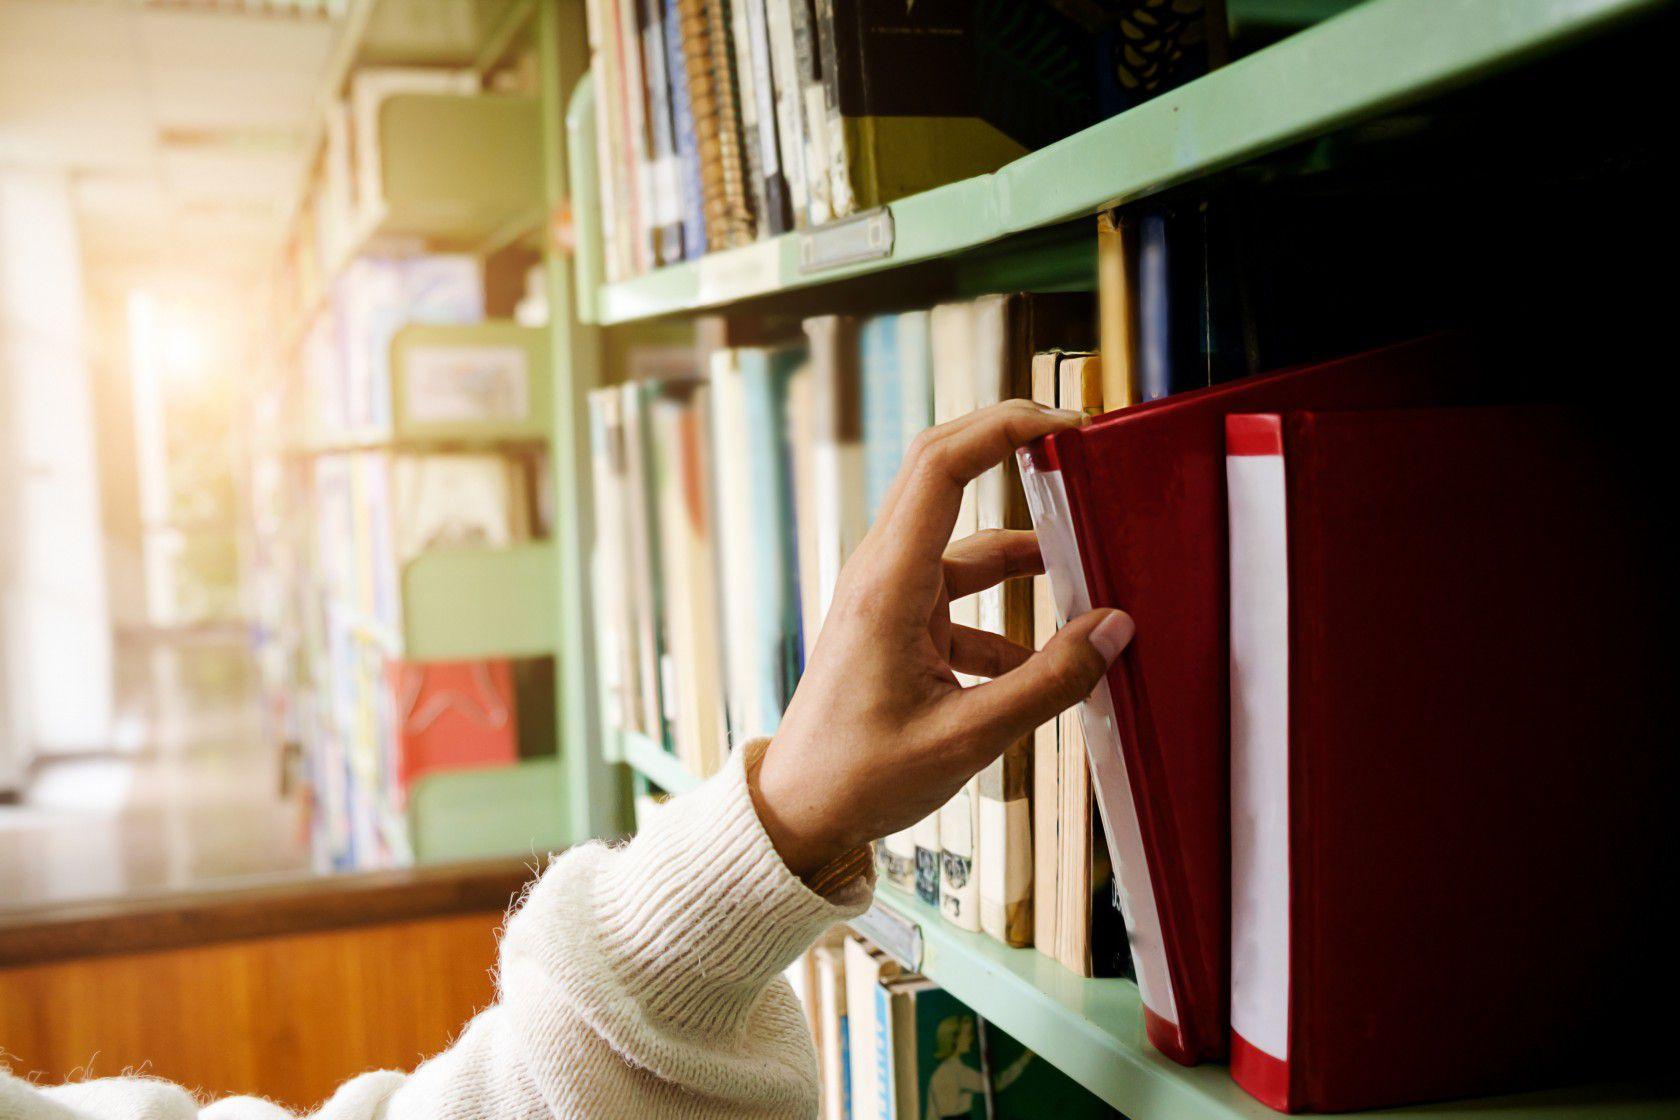 Finlandiya Kolej Fiyatları Ve İçine Dâhil Olan Hizmetler Nelerdir?